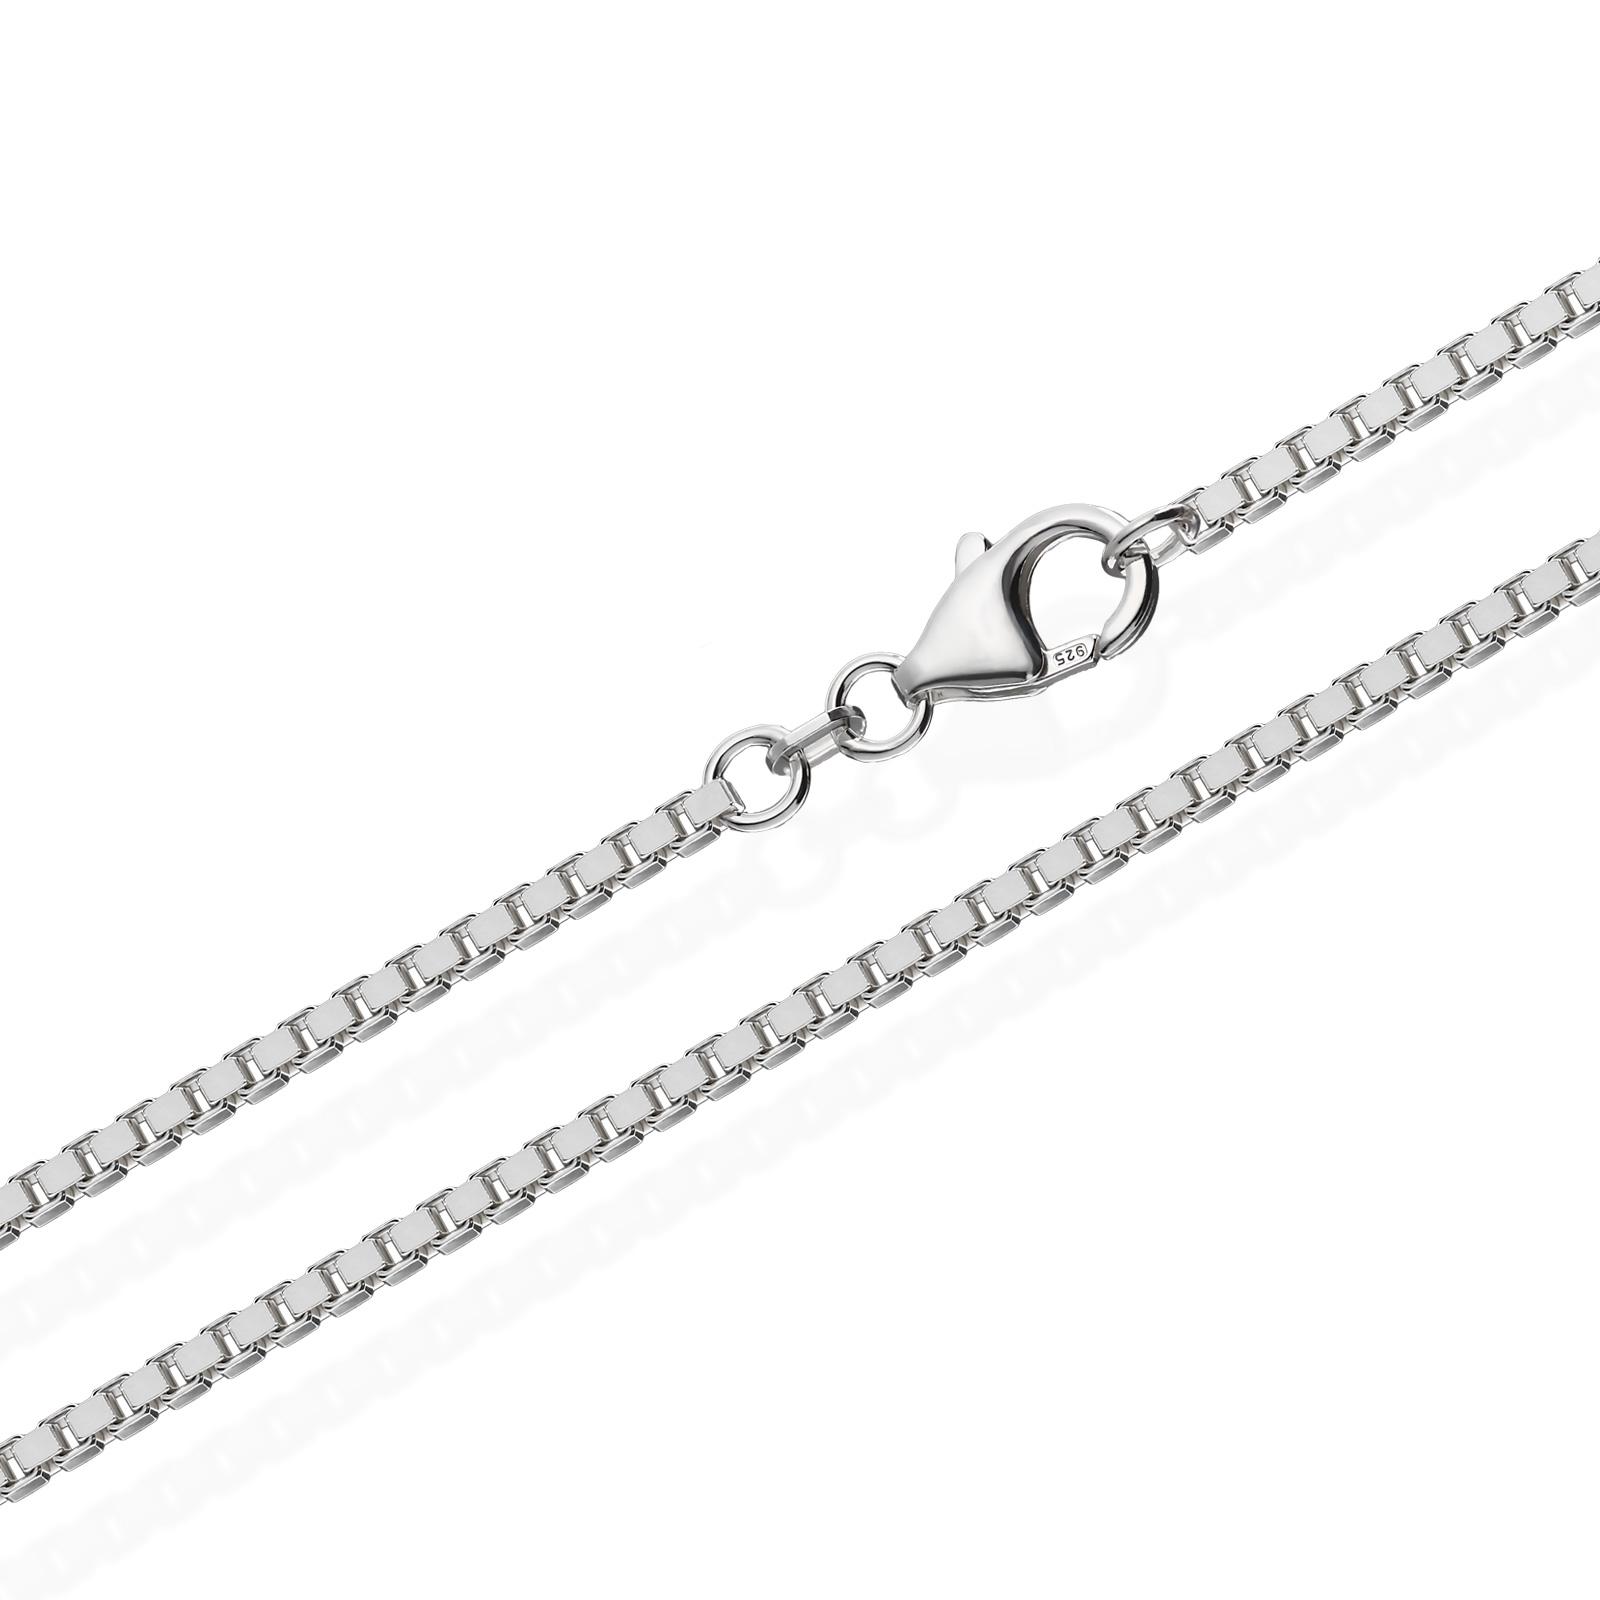 echte 925er Sterlingsilber Venezianerkette Silberkette Halskette Damen Herren 2,20mm